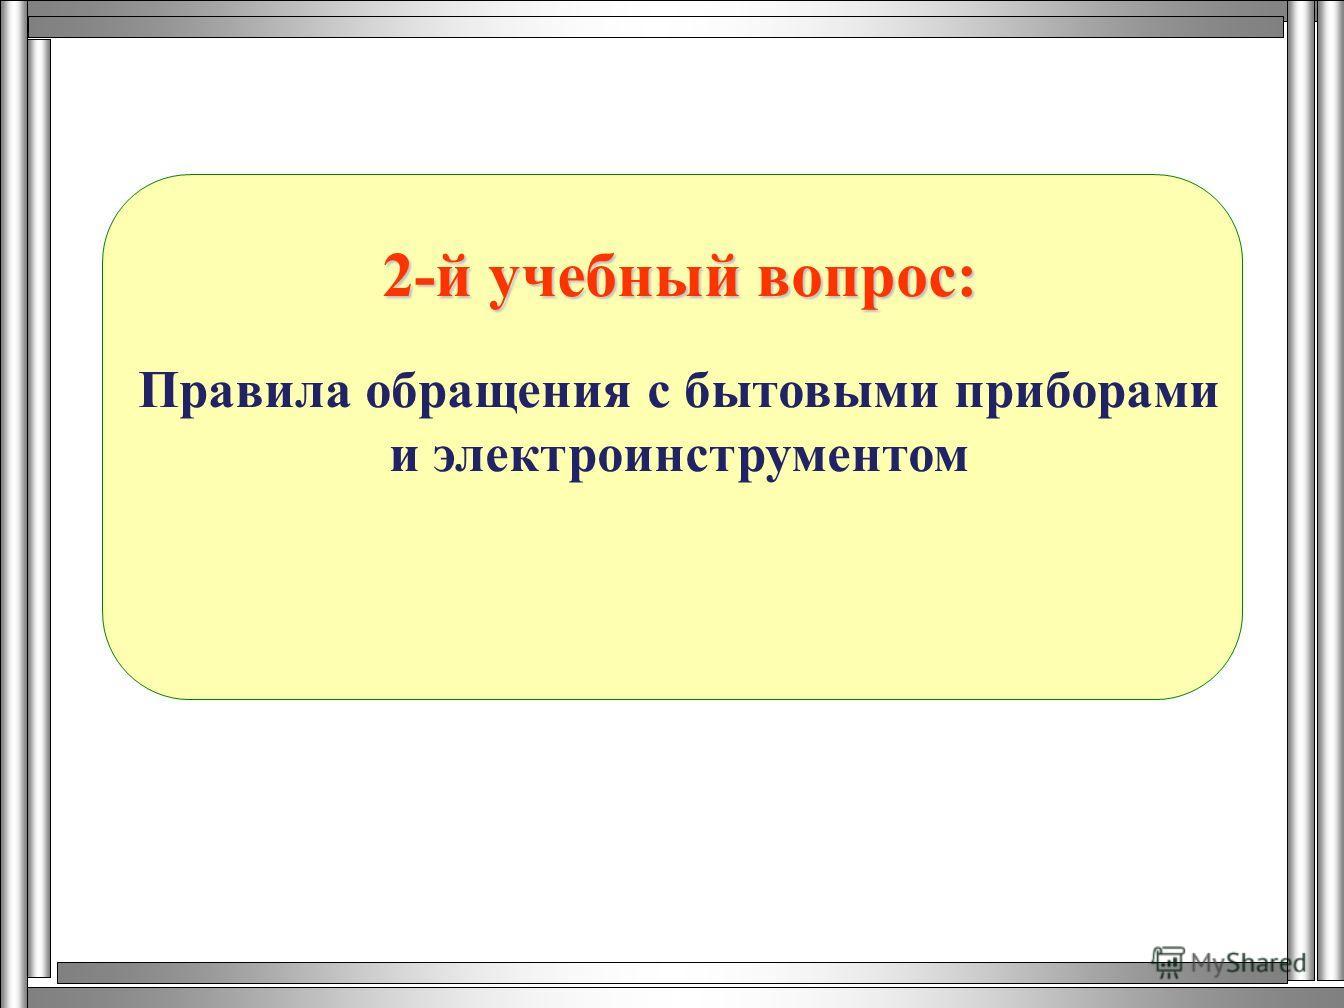 2-й учебный вопрос: Правила обращения с бытовыми приборами и электроинструментом